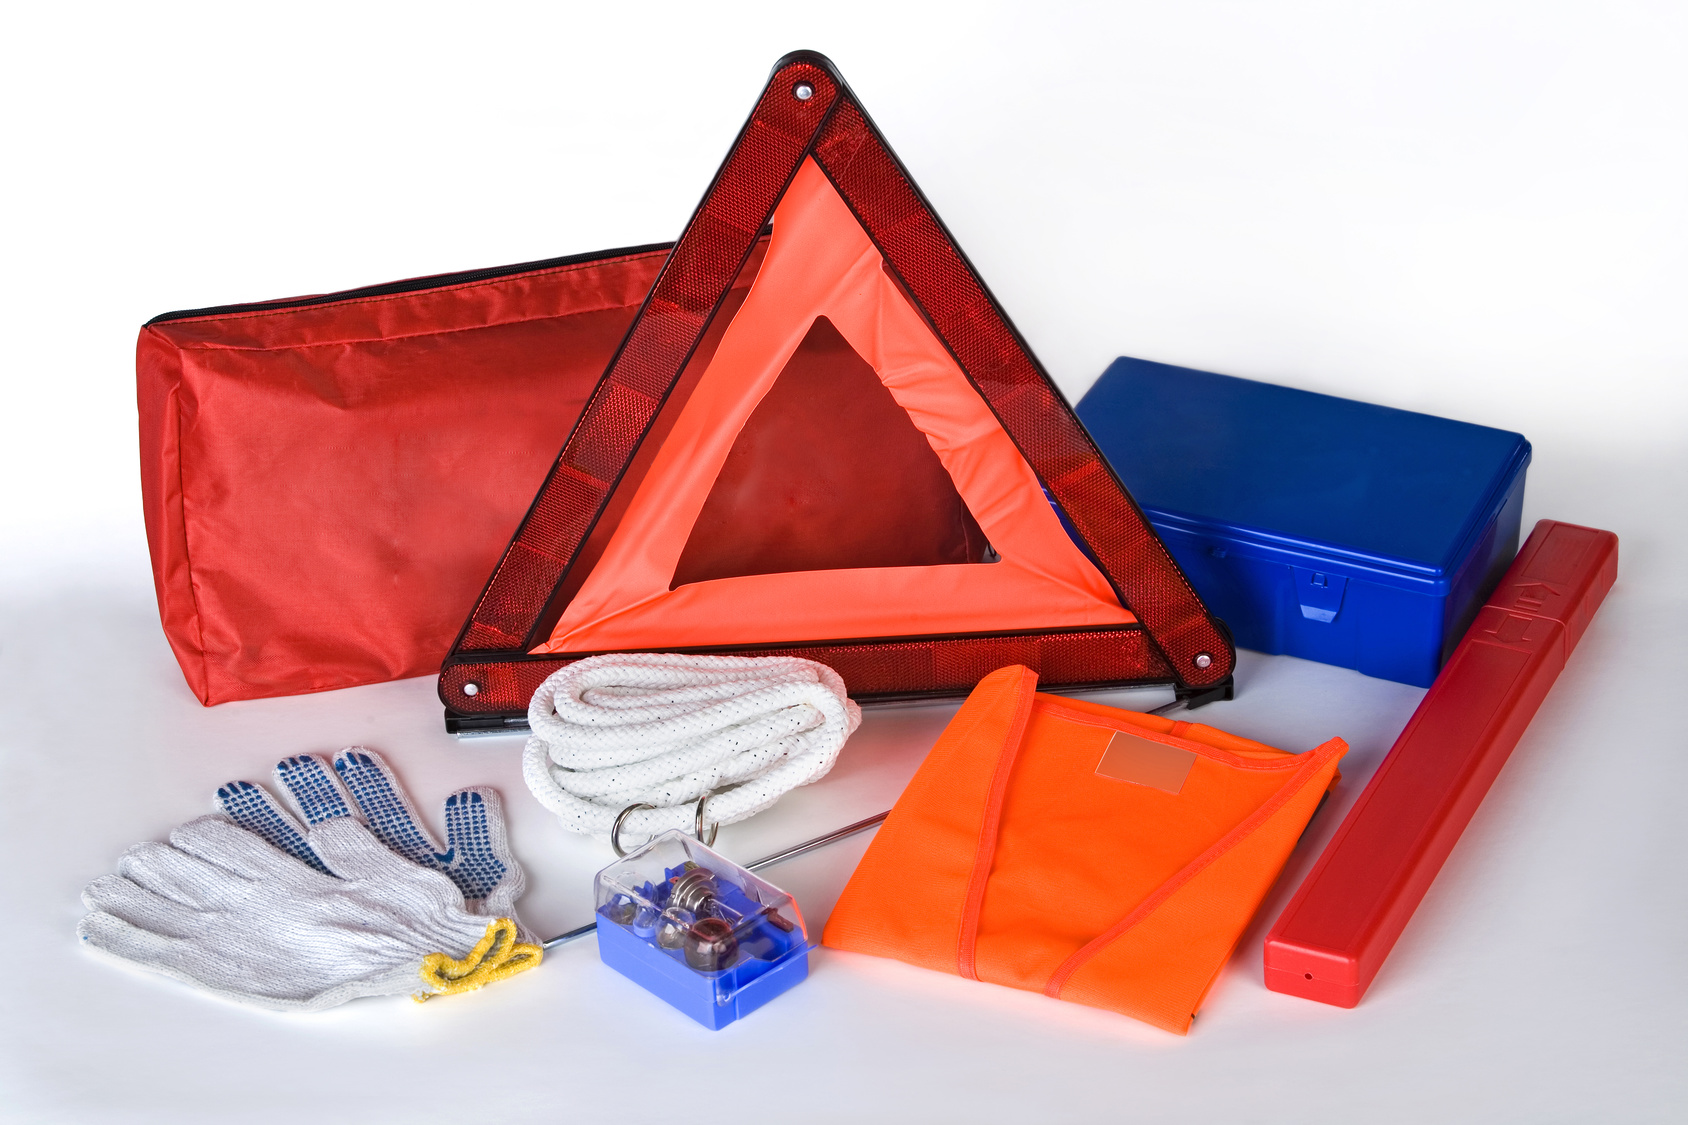 kit de seguridad de tu auto